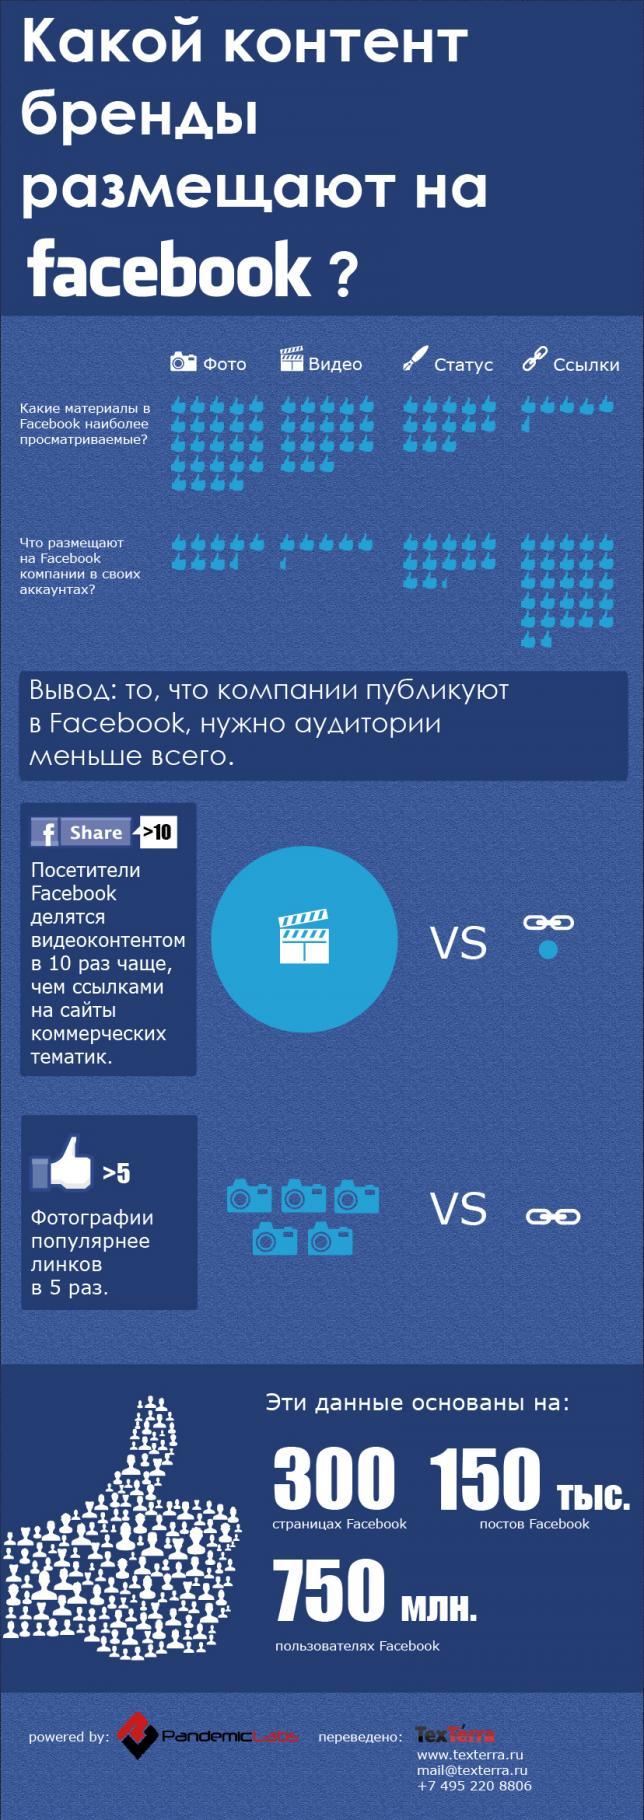 Что бренды размещают в Фейсбук?